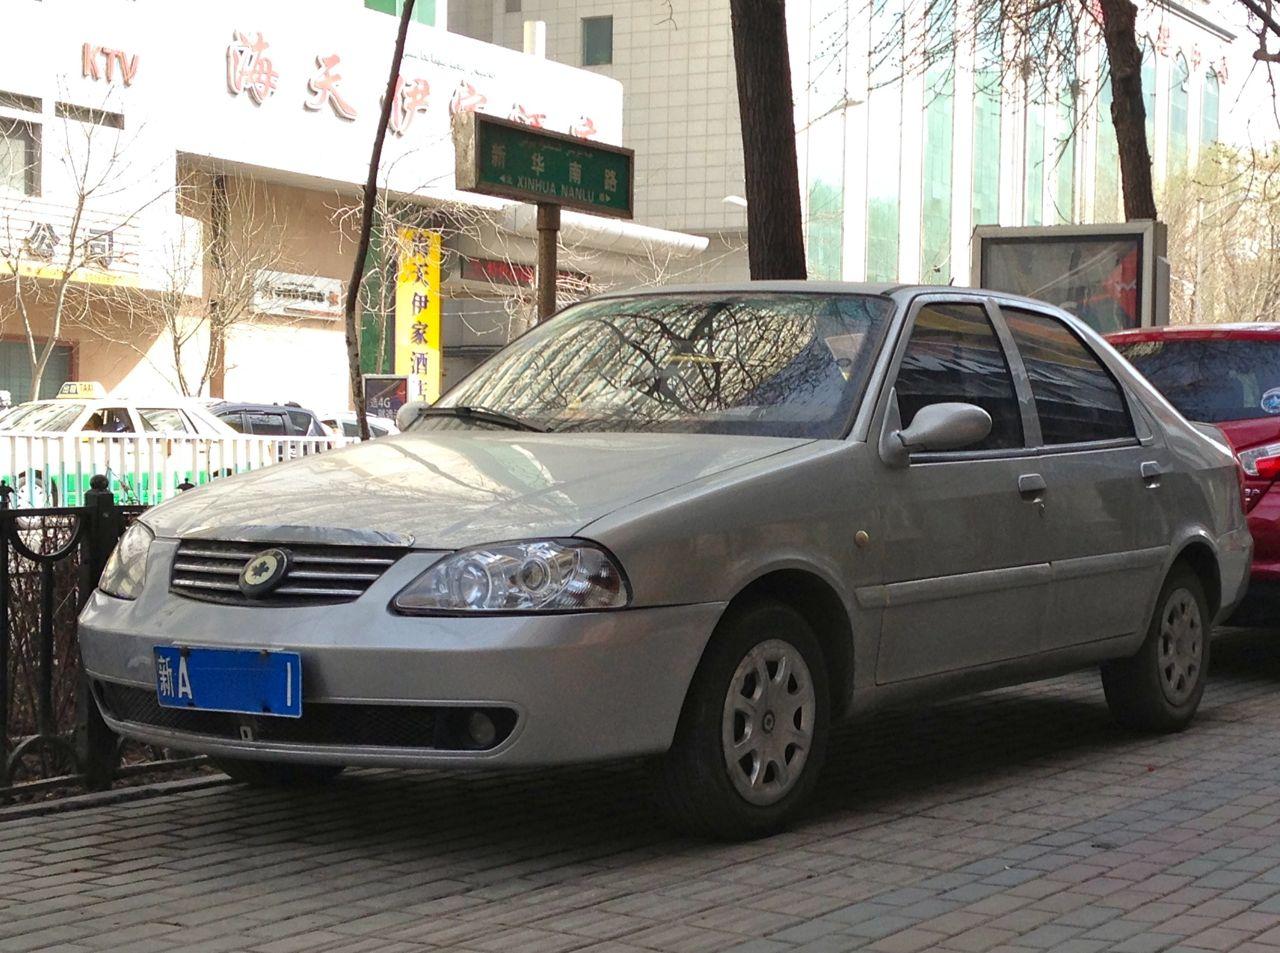 Shanghai Maple C32 I 2007 - 2010 Sedan #8